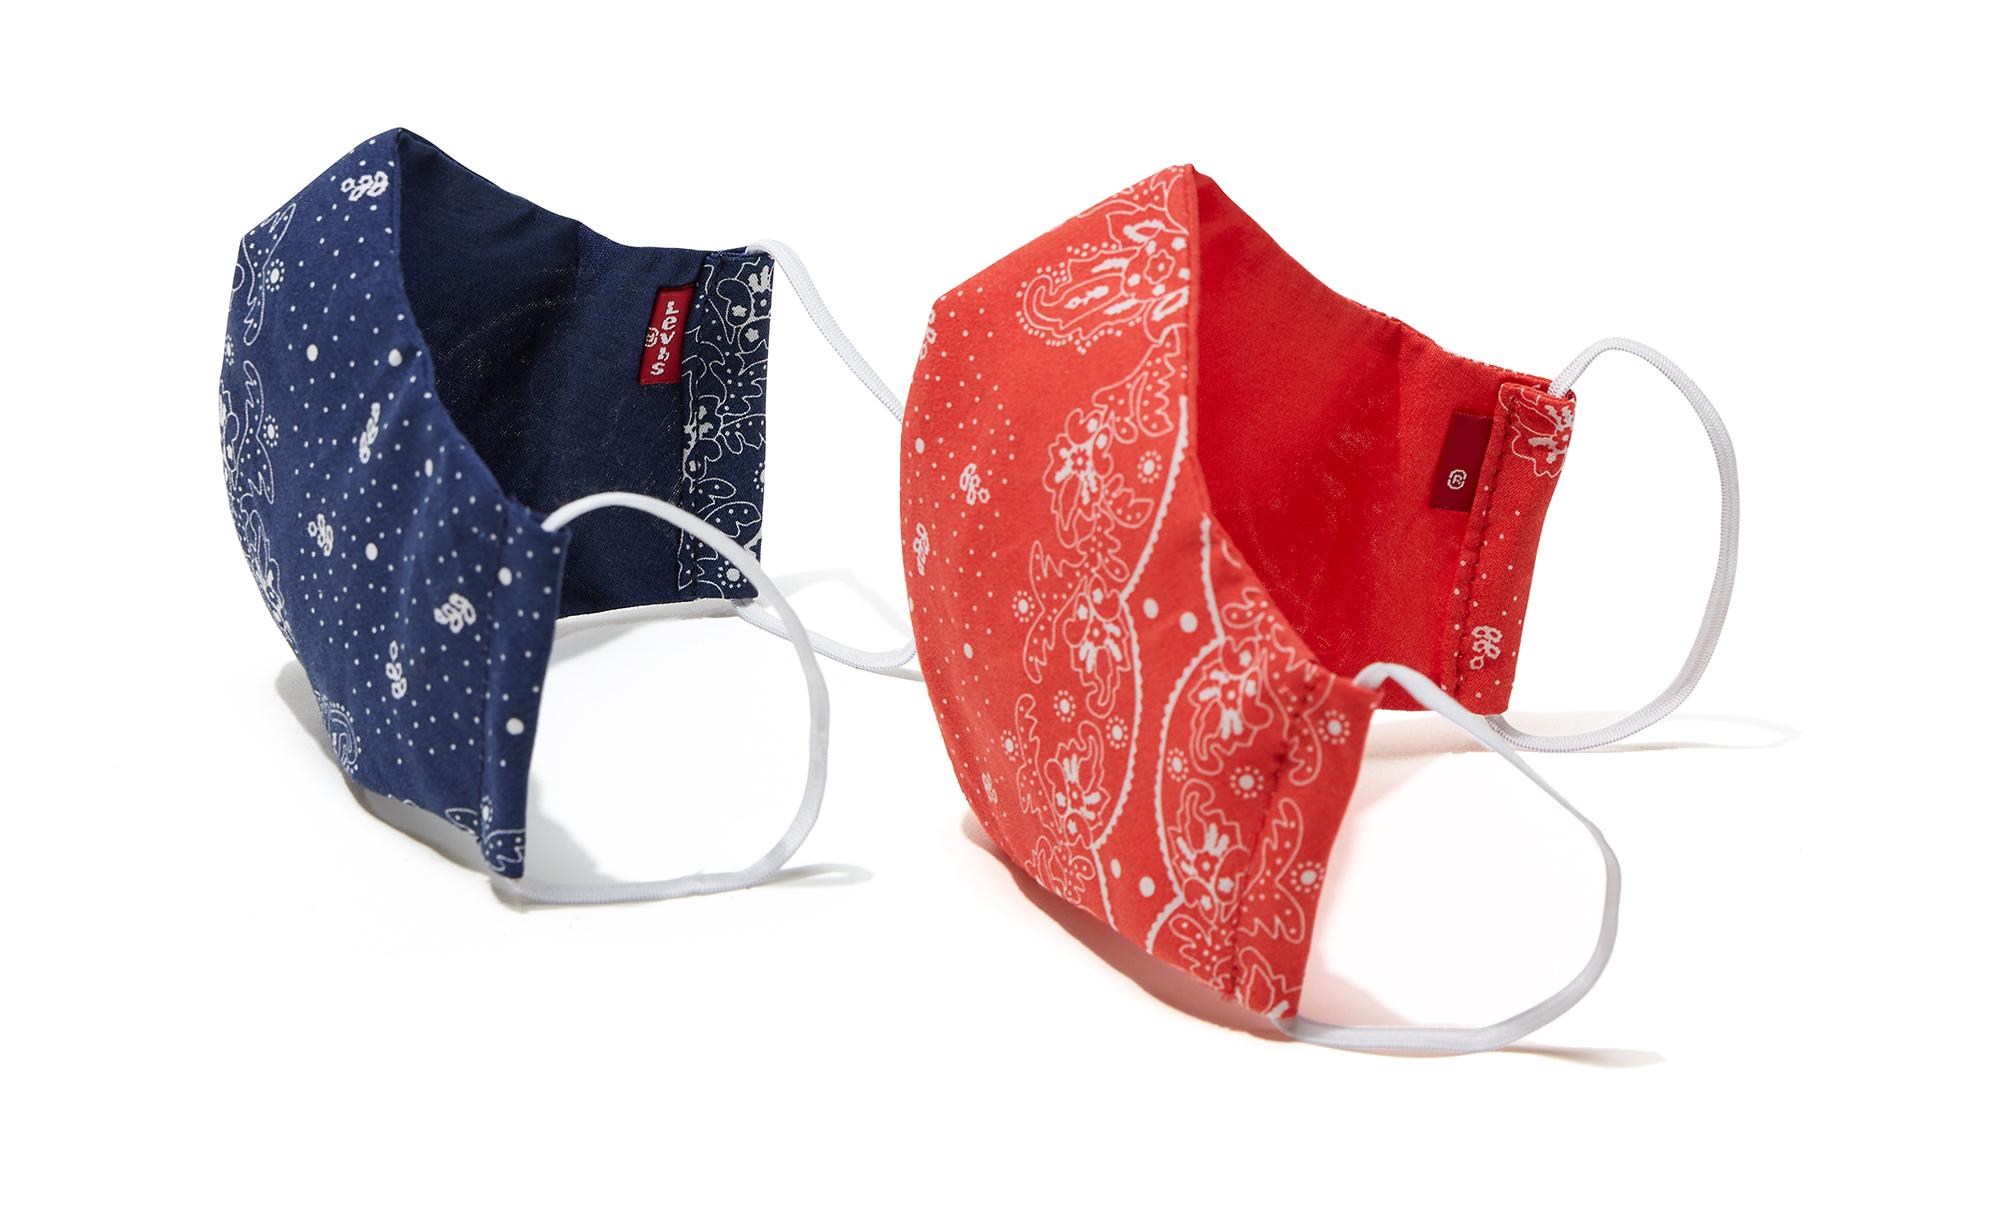 reusable Levi's masks